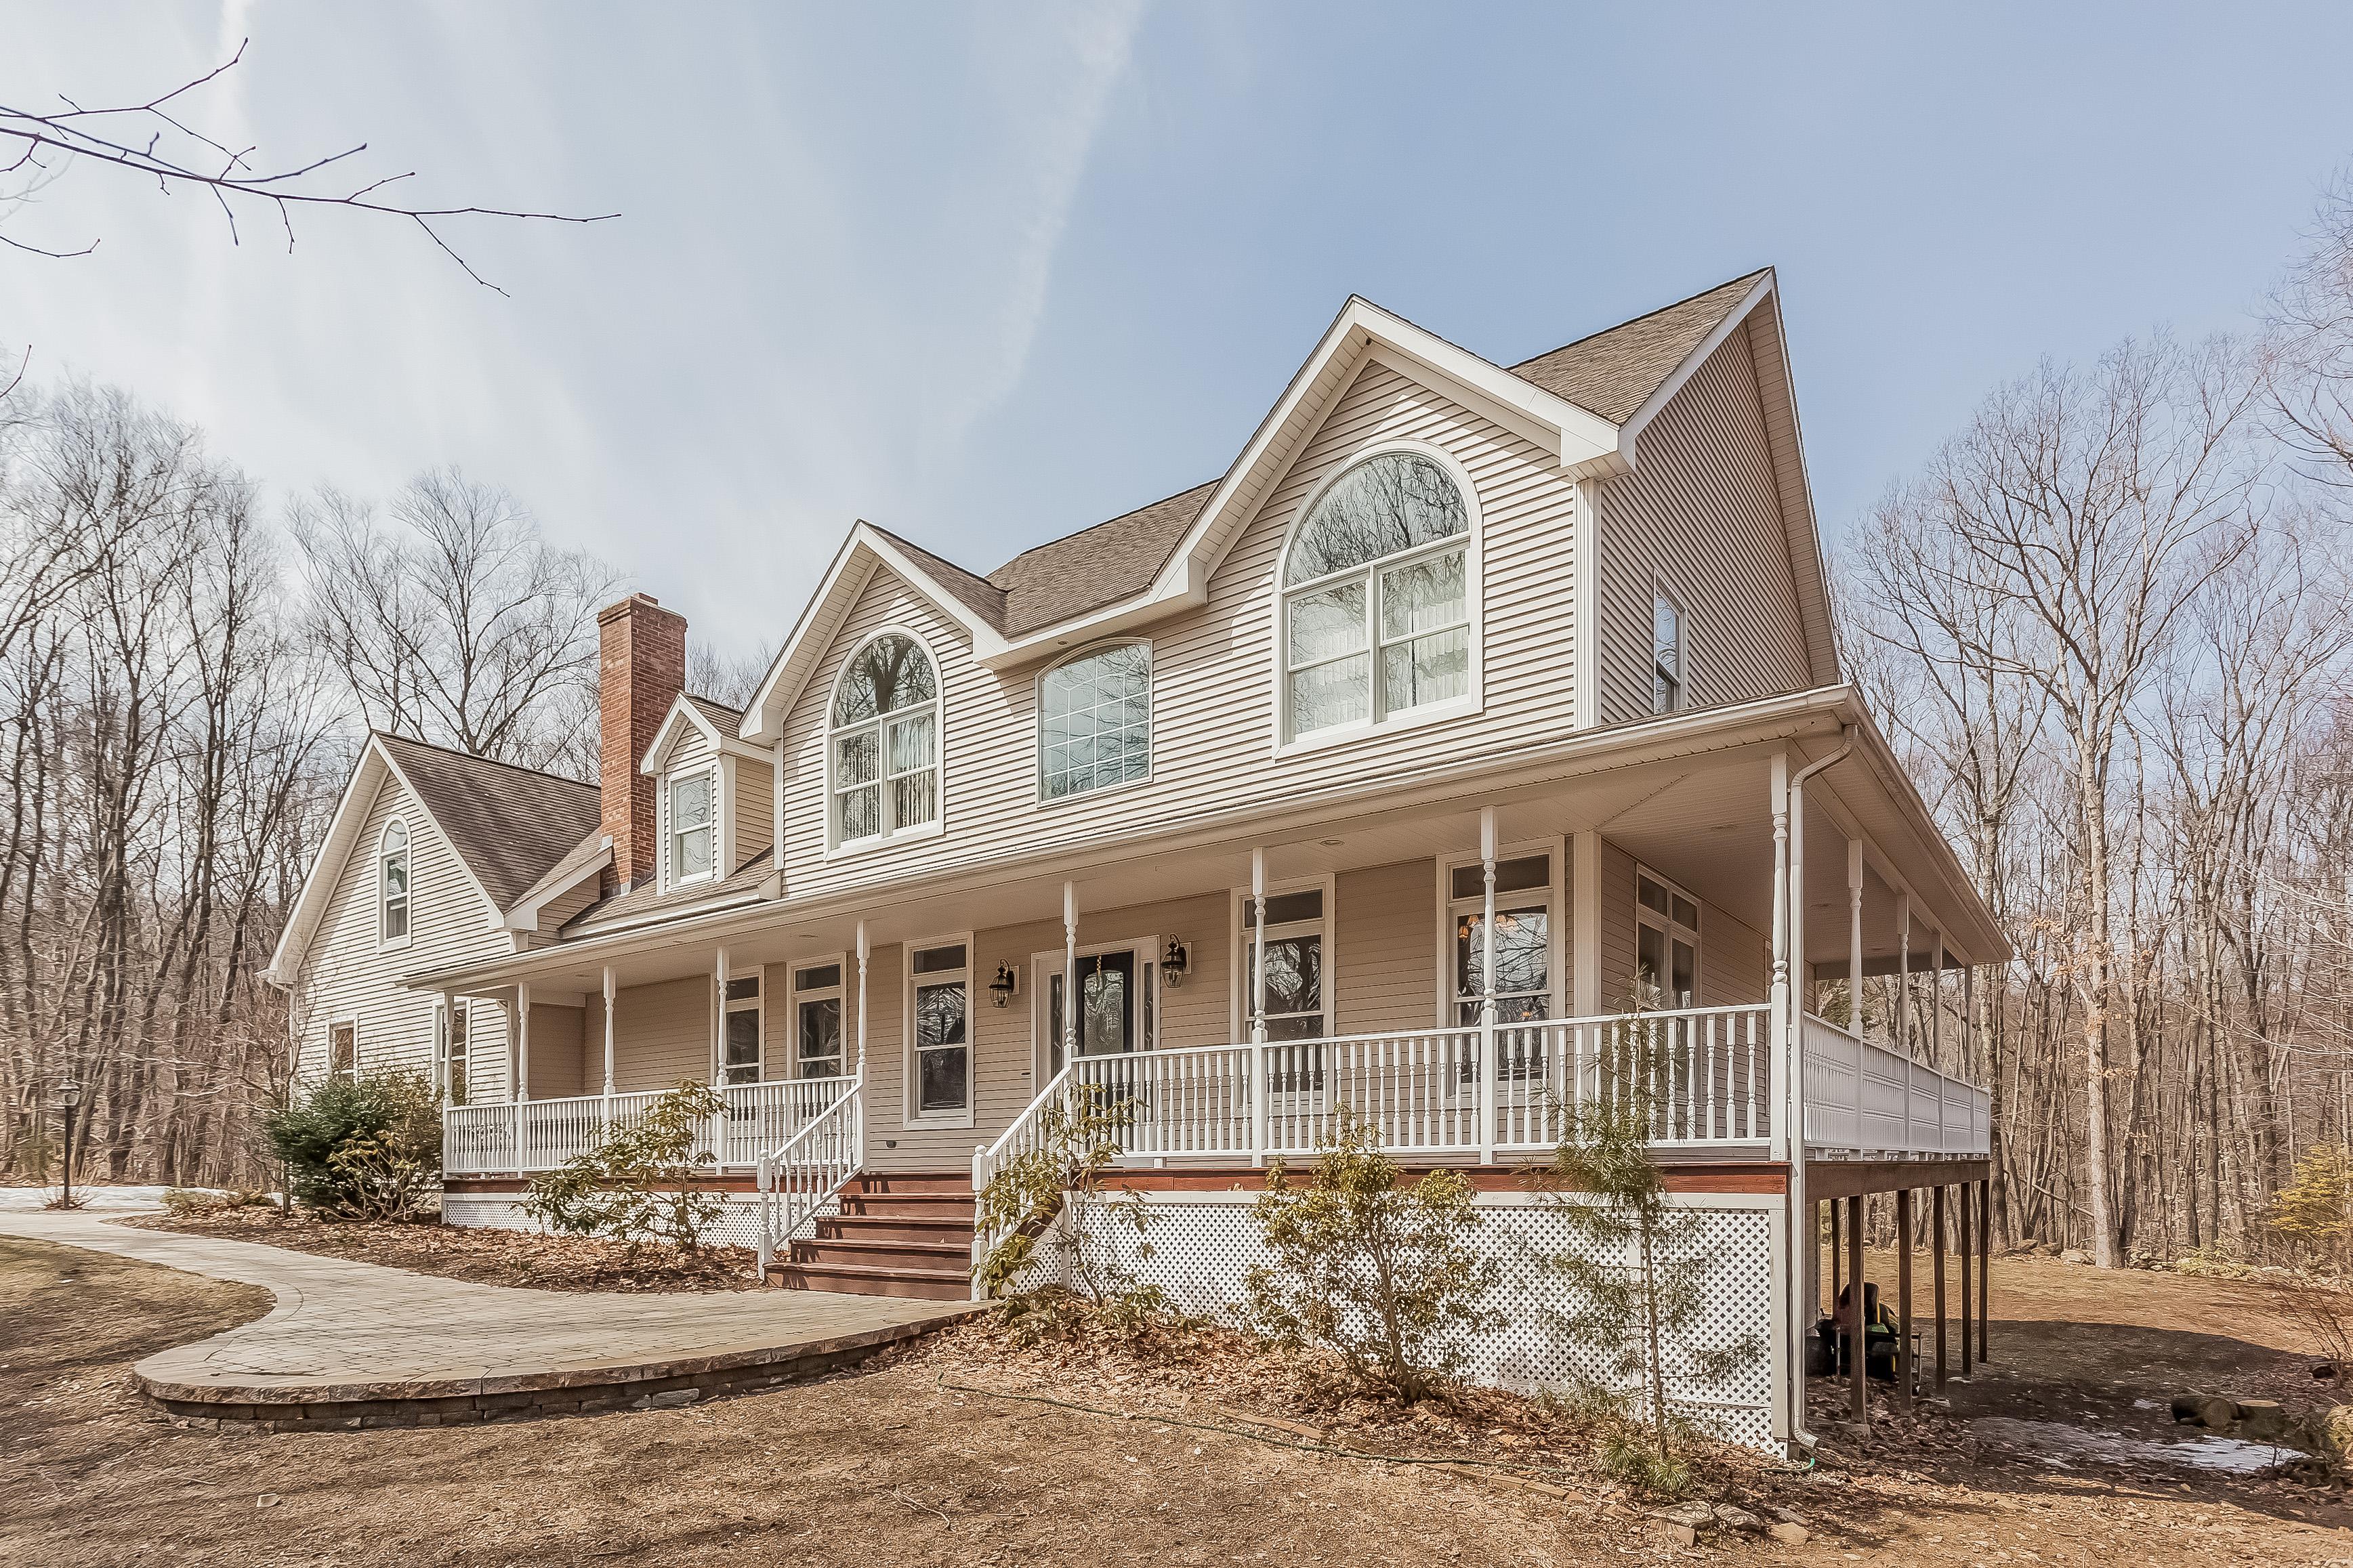 Nhà ở một gia đình vì Bán tại Beautiful Colonial with Wrap Around Porch 65 Emily Road Marlborough, Connecticut 06447 Hoa Kỳ